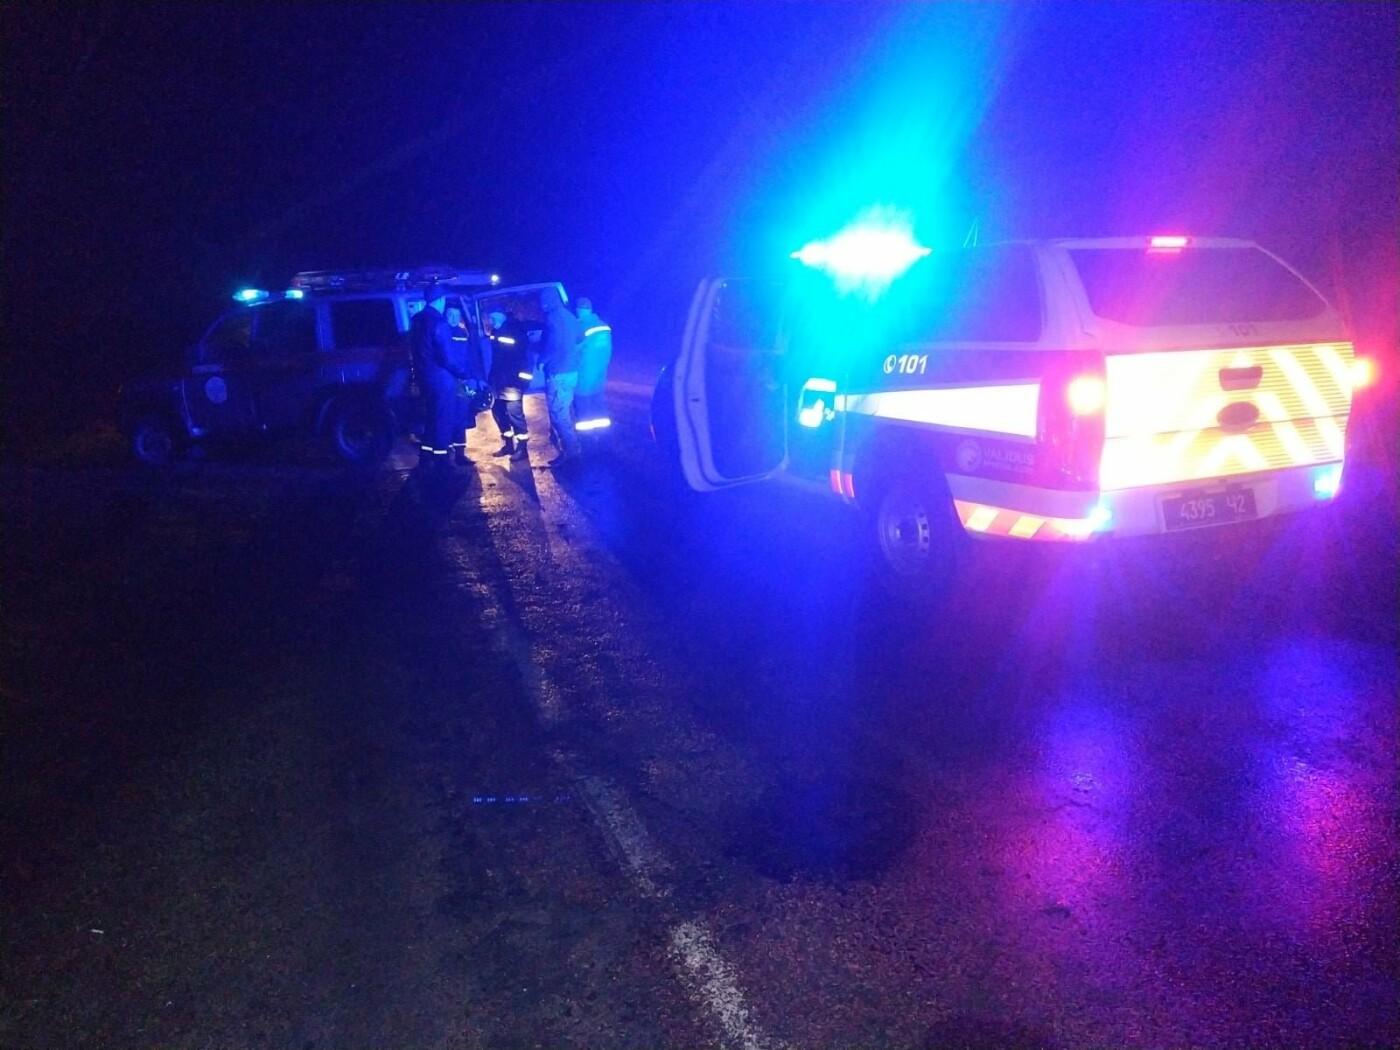 Тіла загиблих водіїв у ДТП під Сумами з понівечених авто діставали рятувальники, фото-2